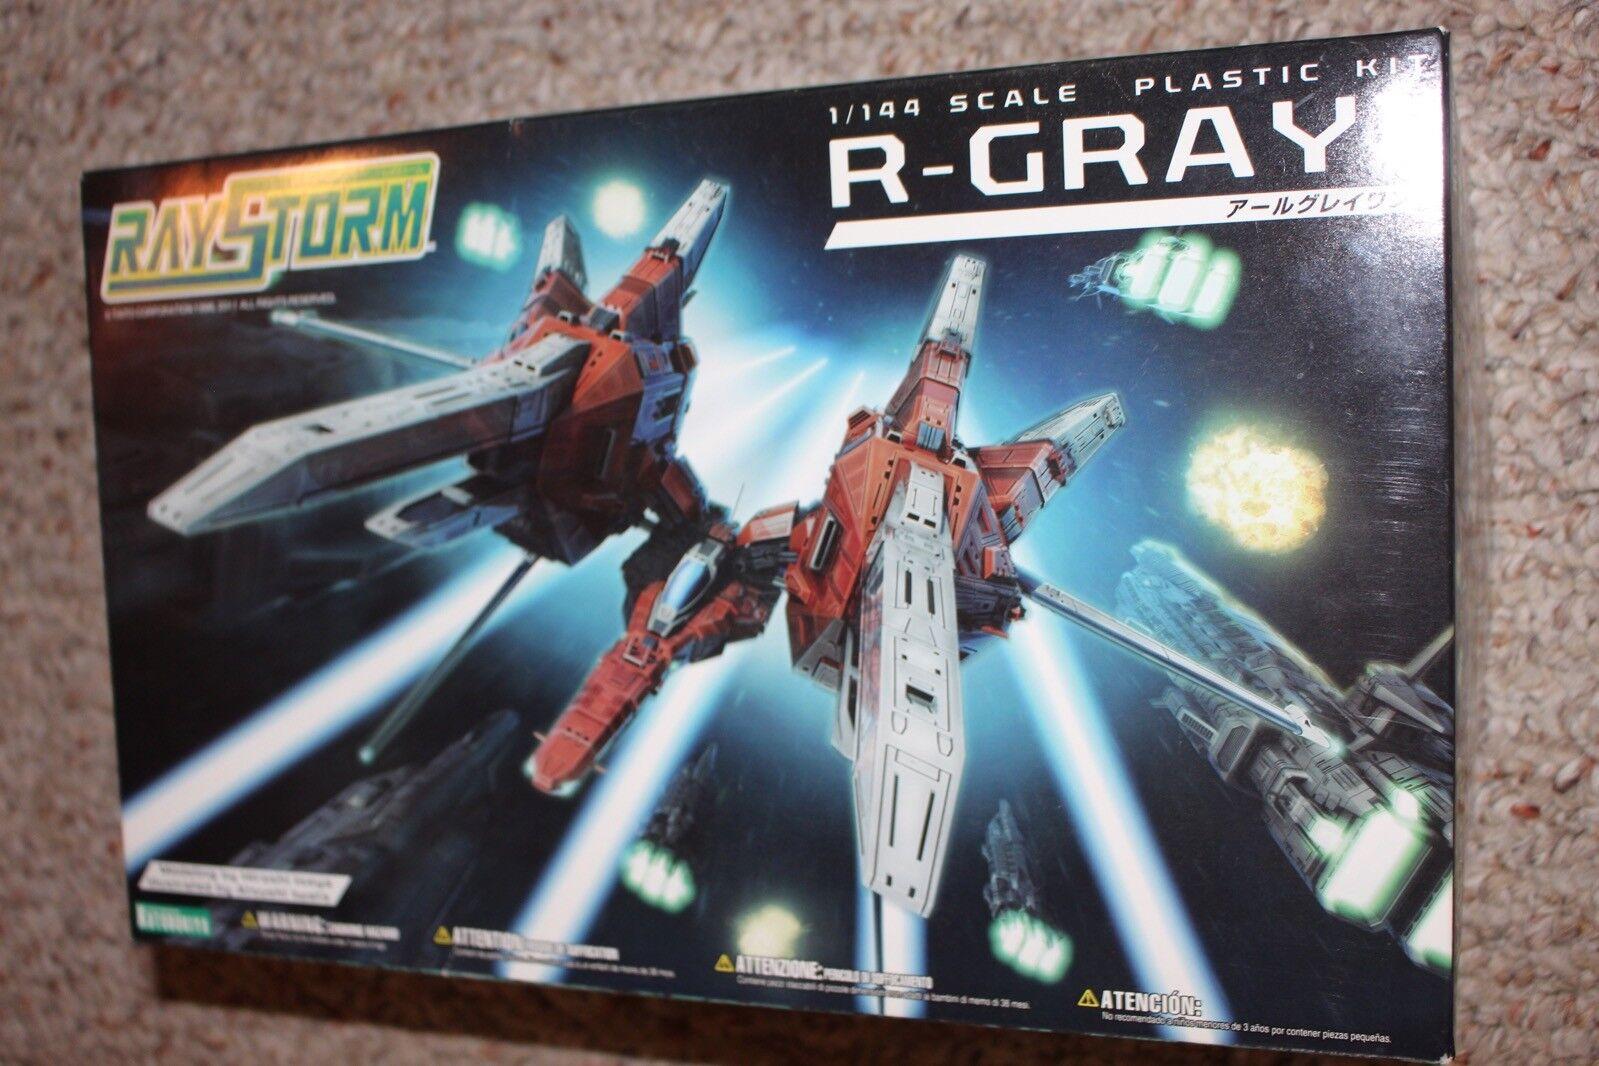 RAYSTORM R-Gris 1 1/144 escala kit plástico plástico plástico Japón Nuevo a5933b